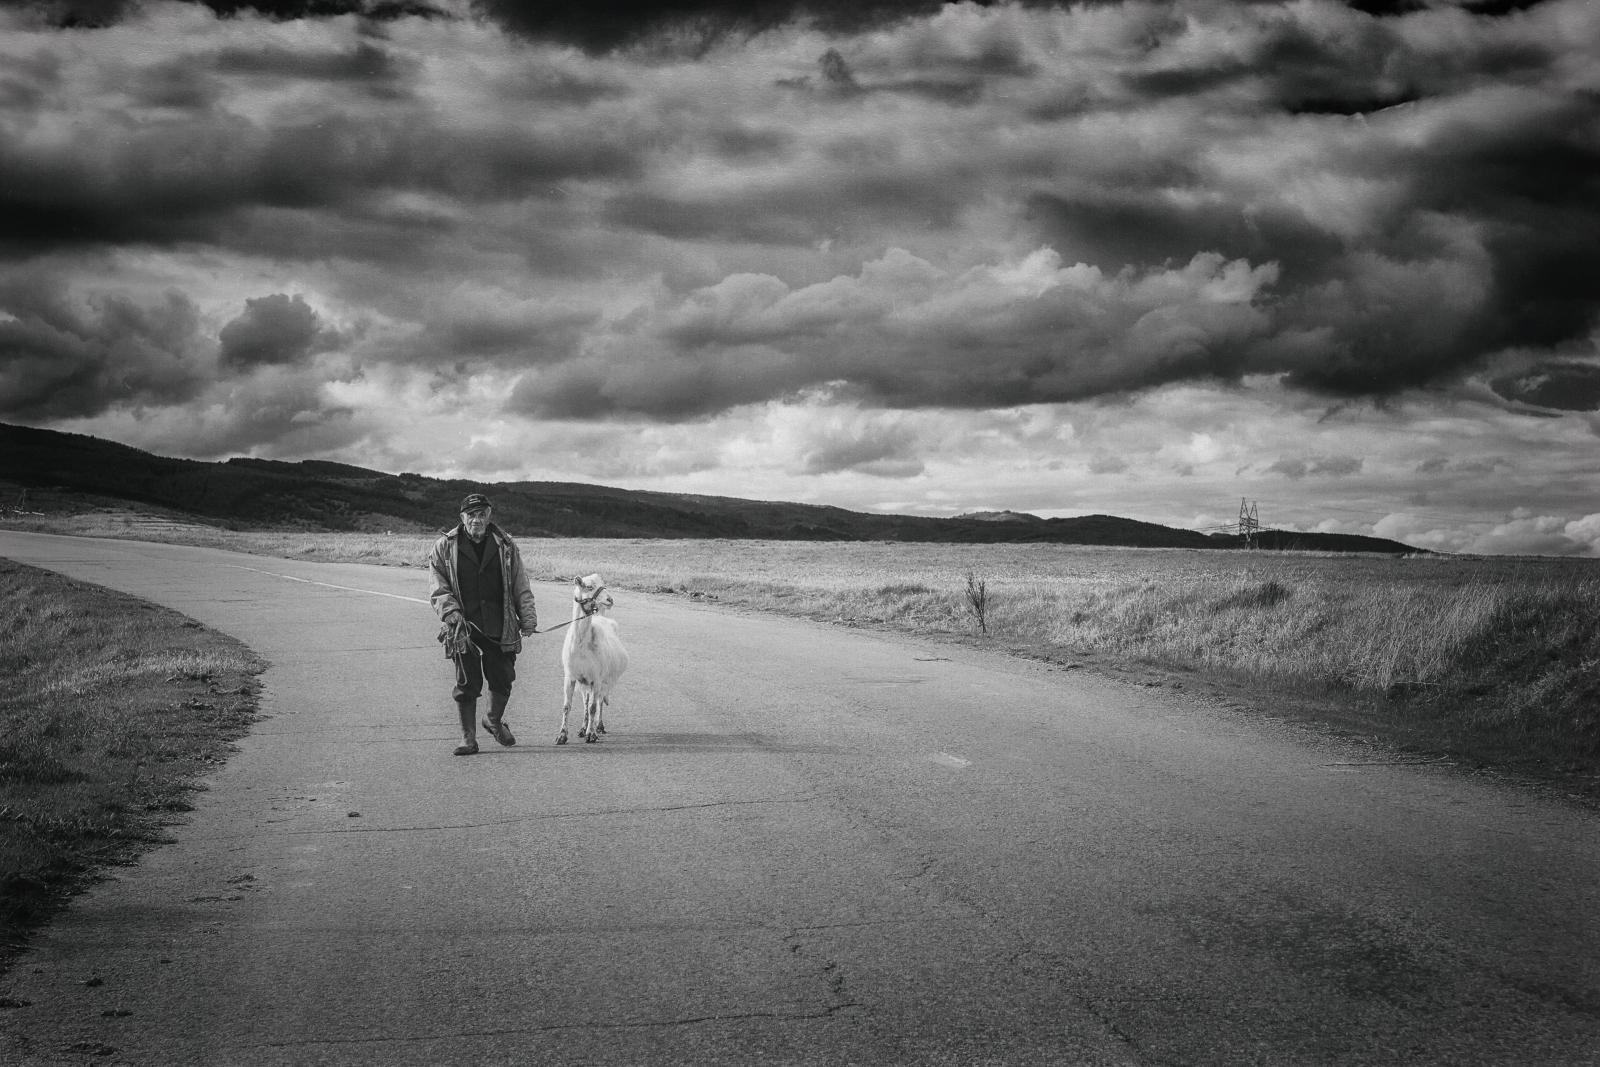 Вървят ли двама на дълъг път ...